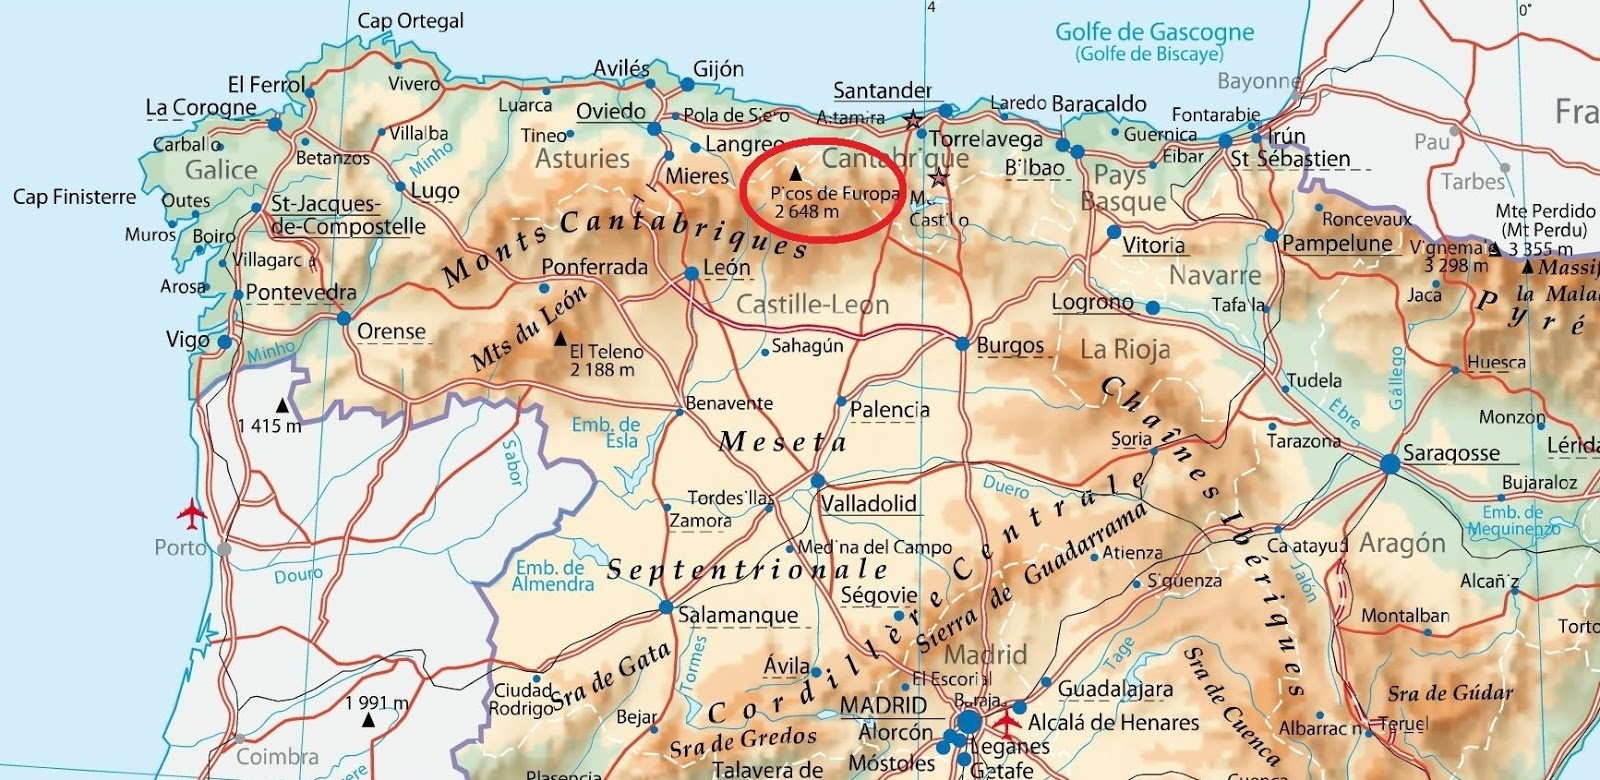 Carte Espagne Hd.Fugues Verticales Juillet 2015